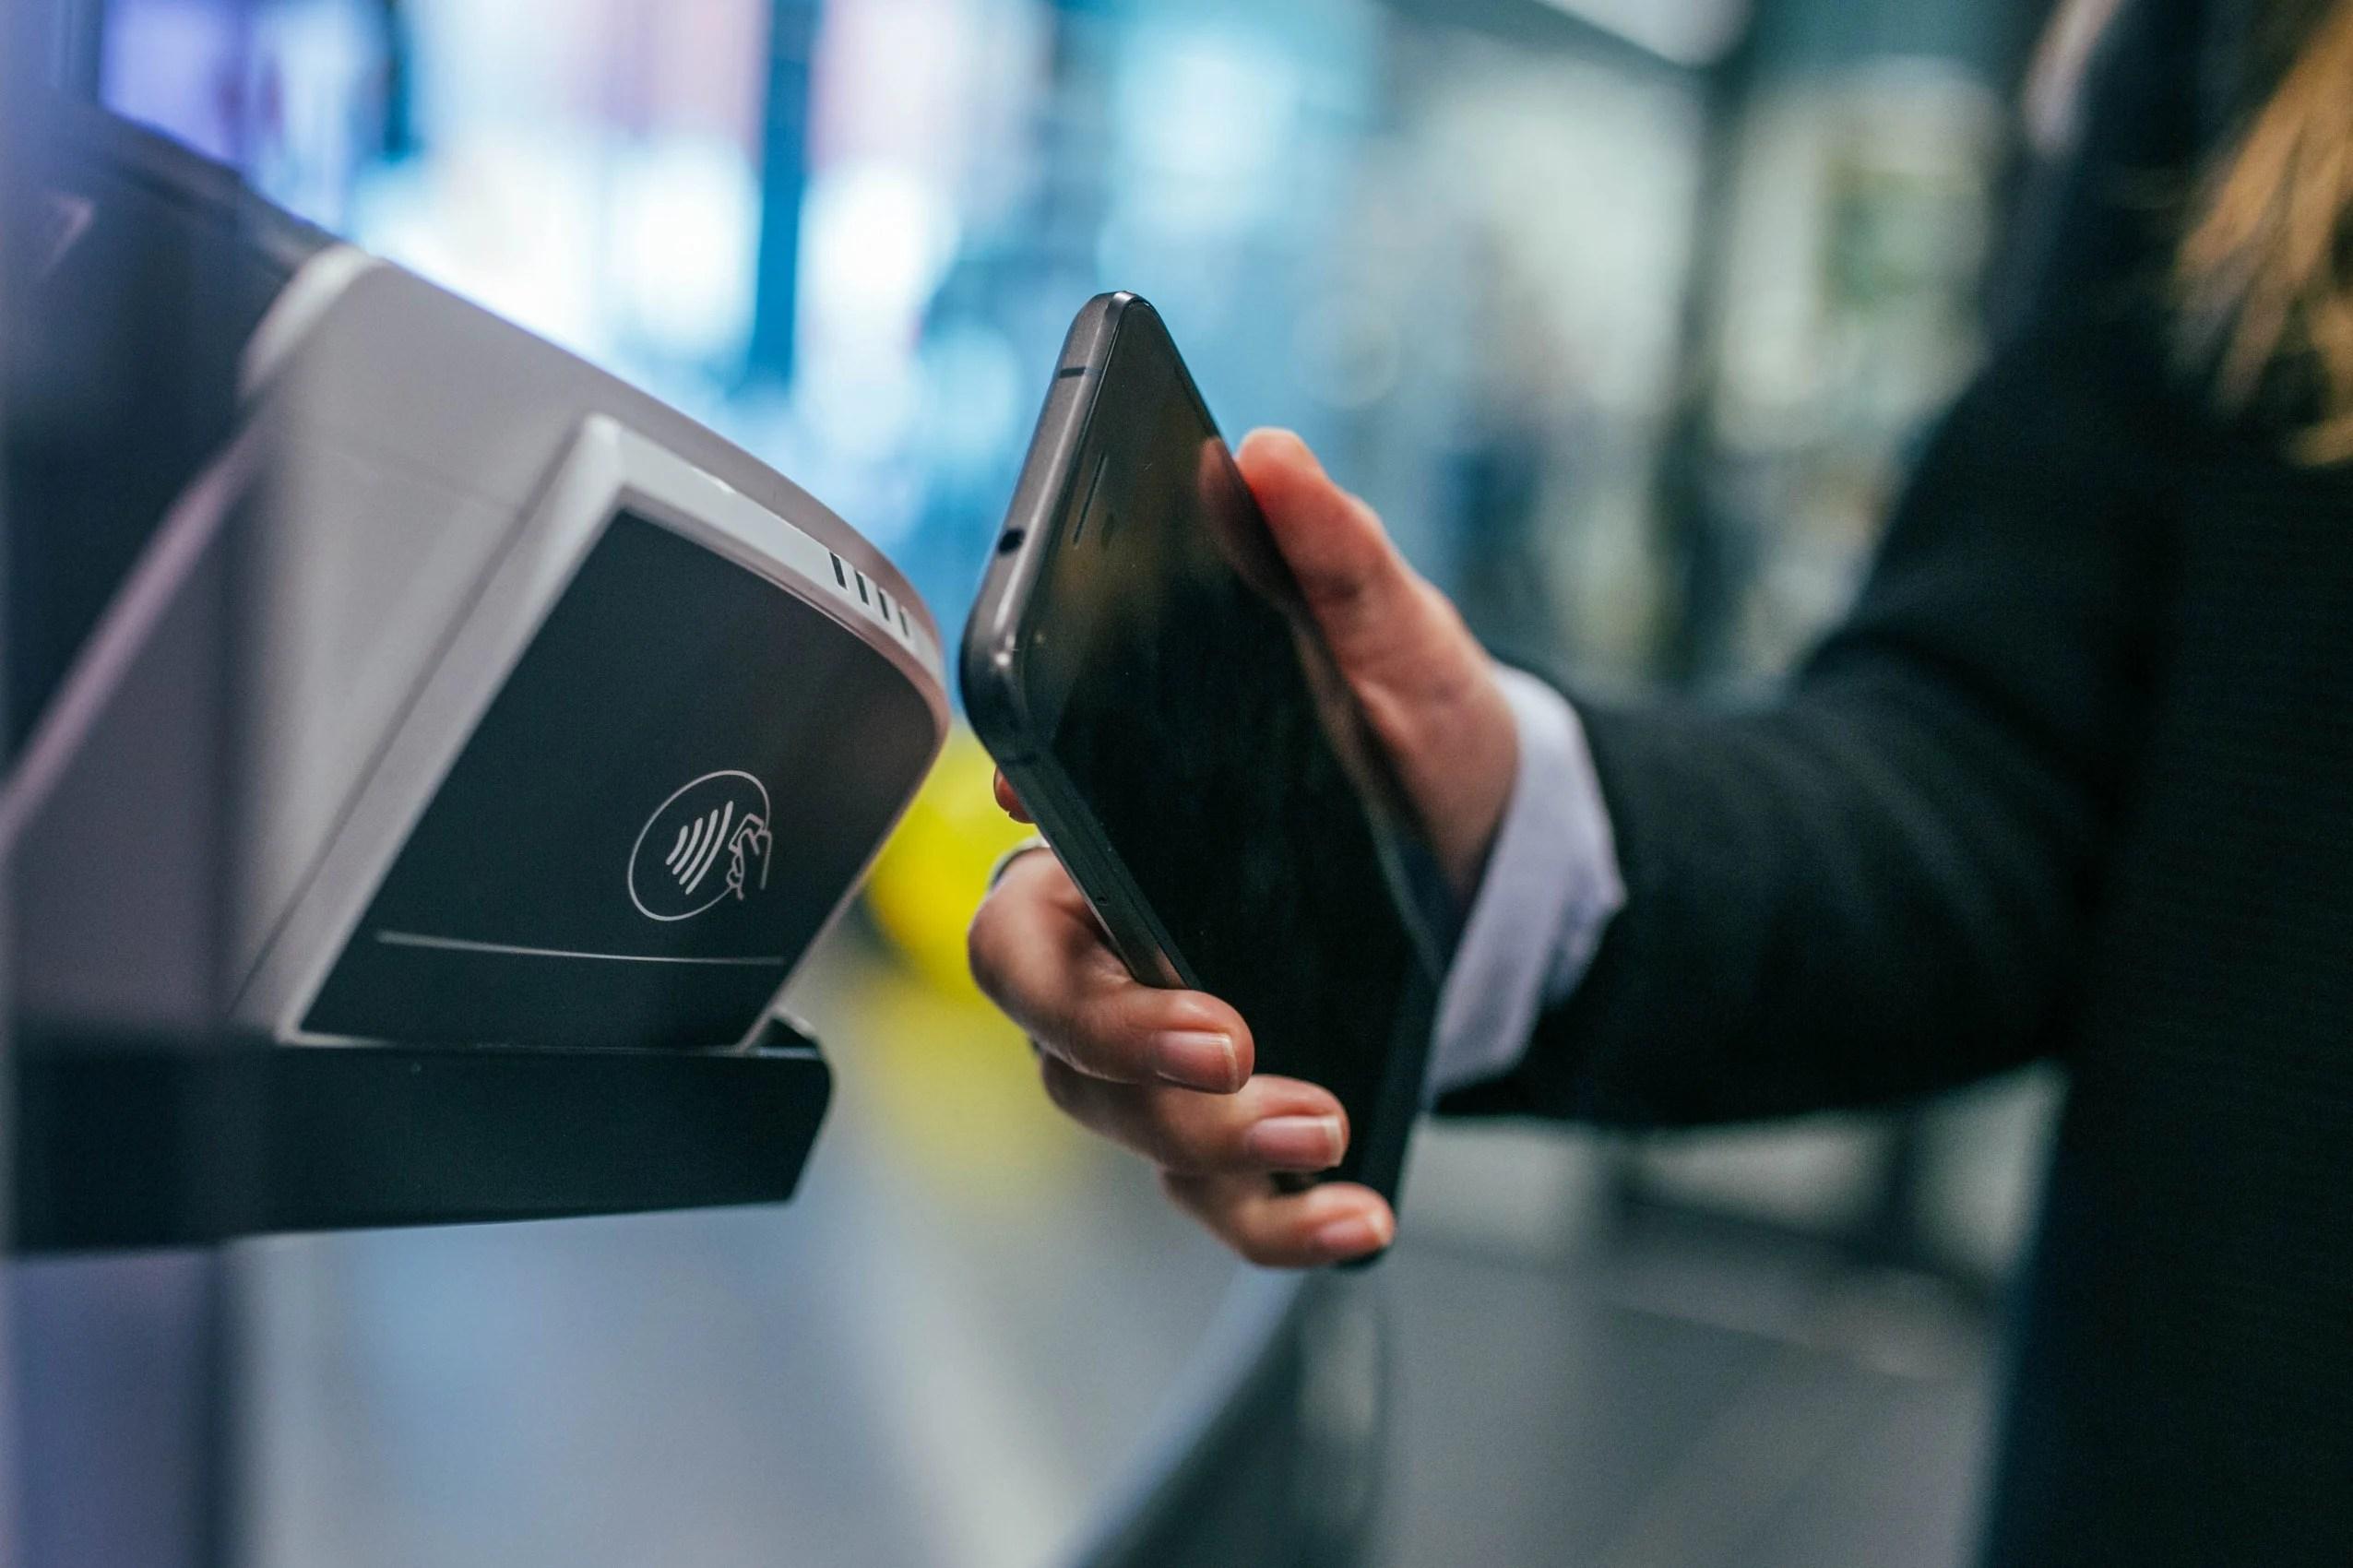 Vous êtes une majorité à ne pas utiliser votre smartphone pour payer